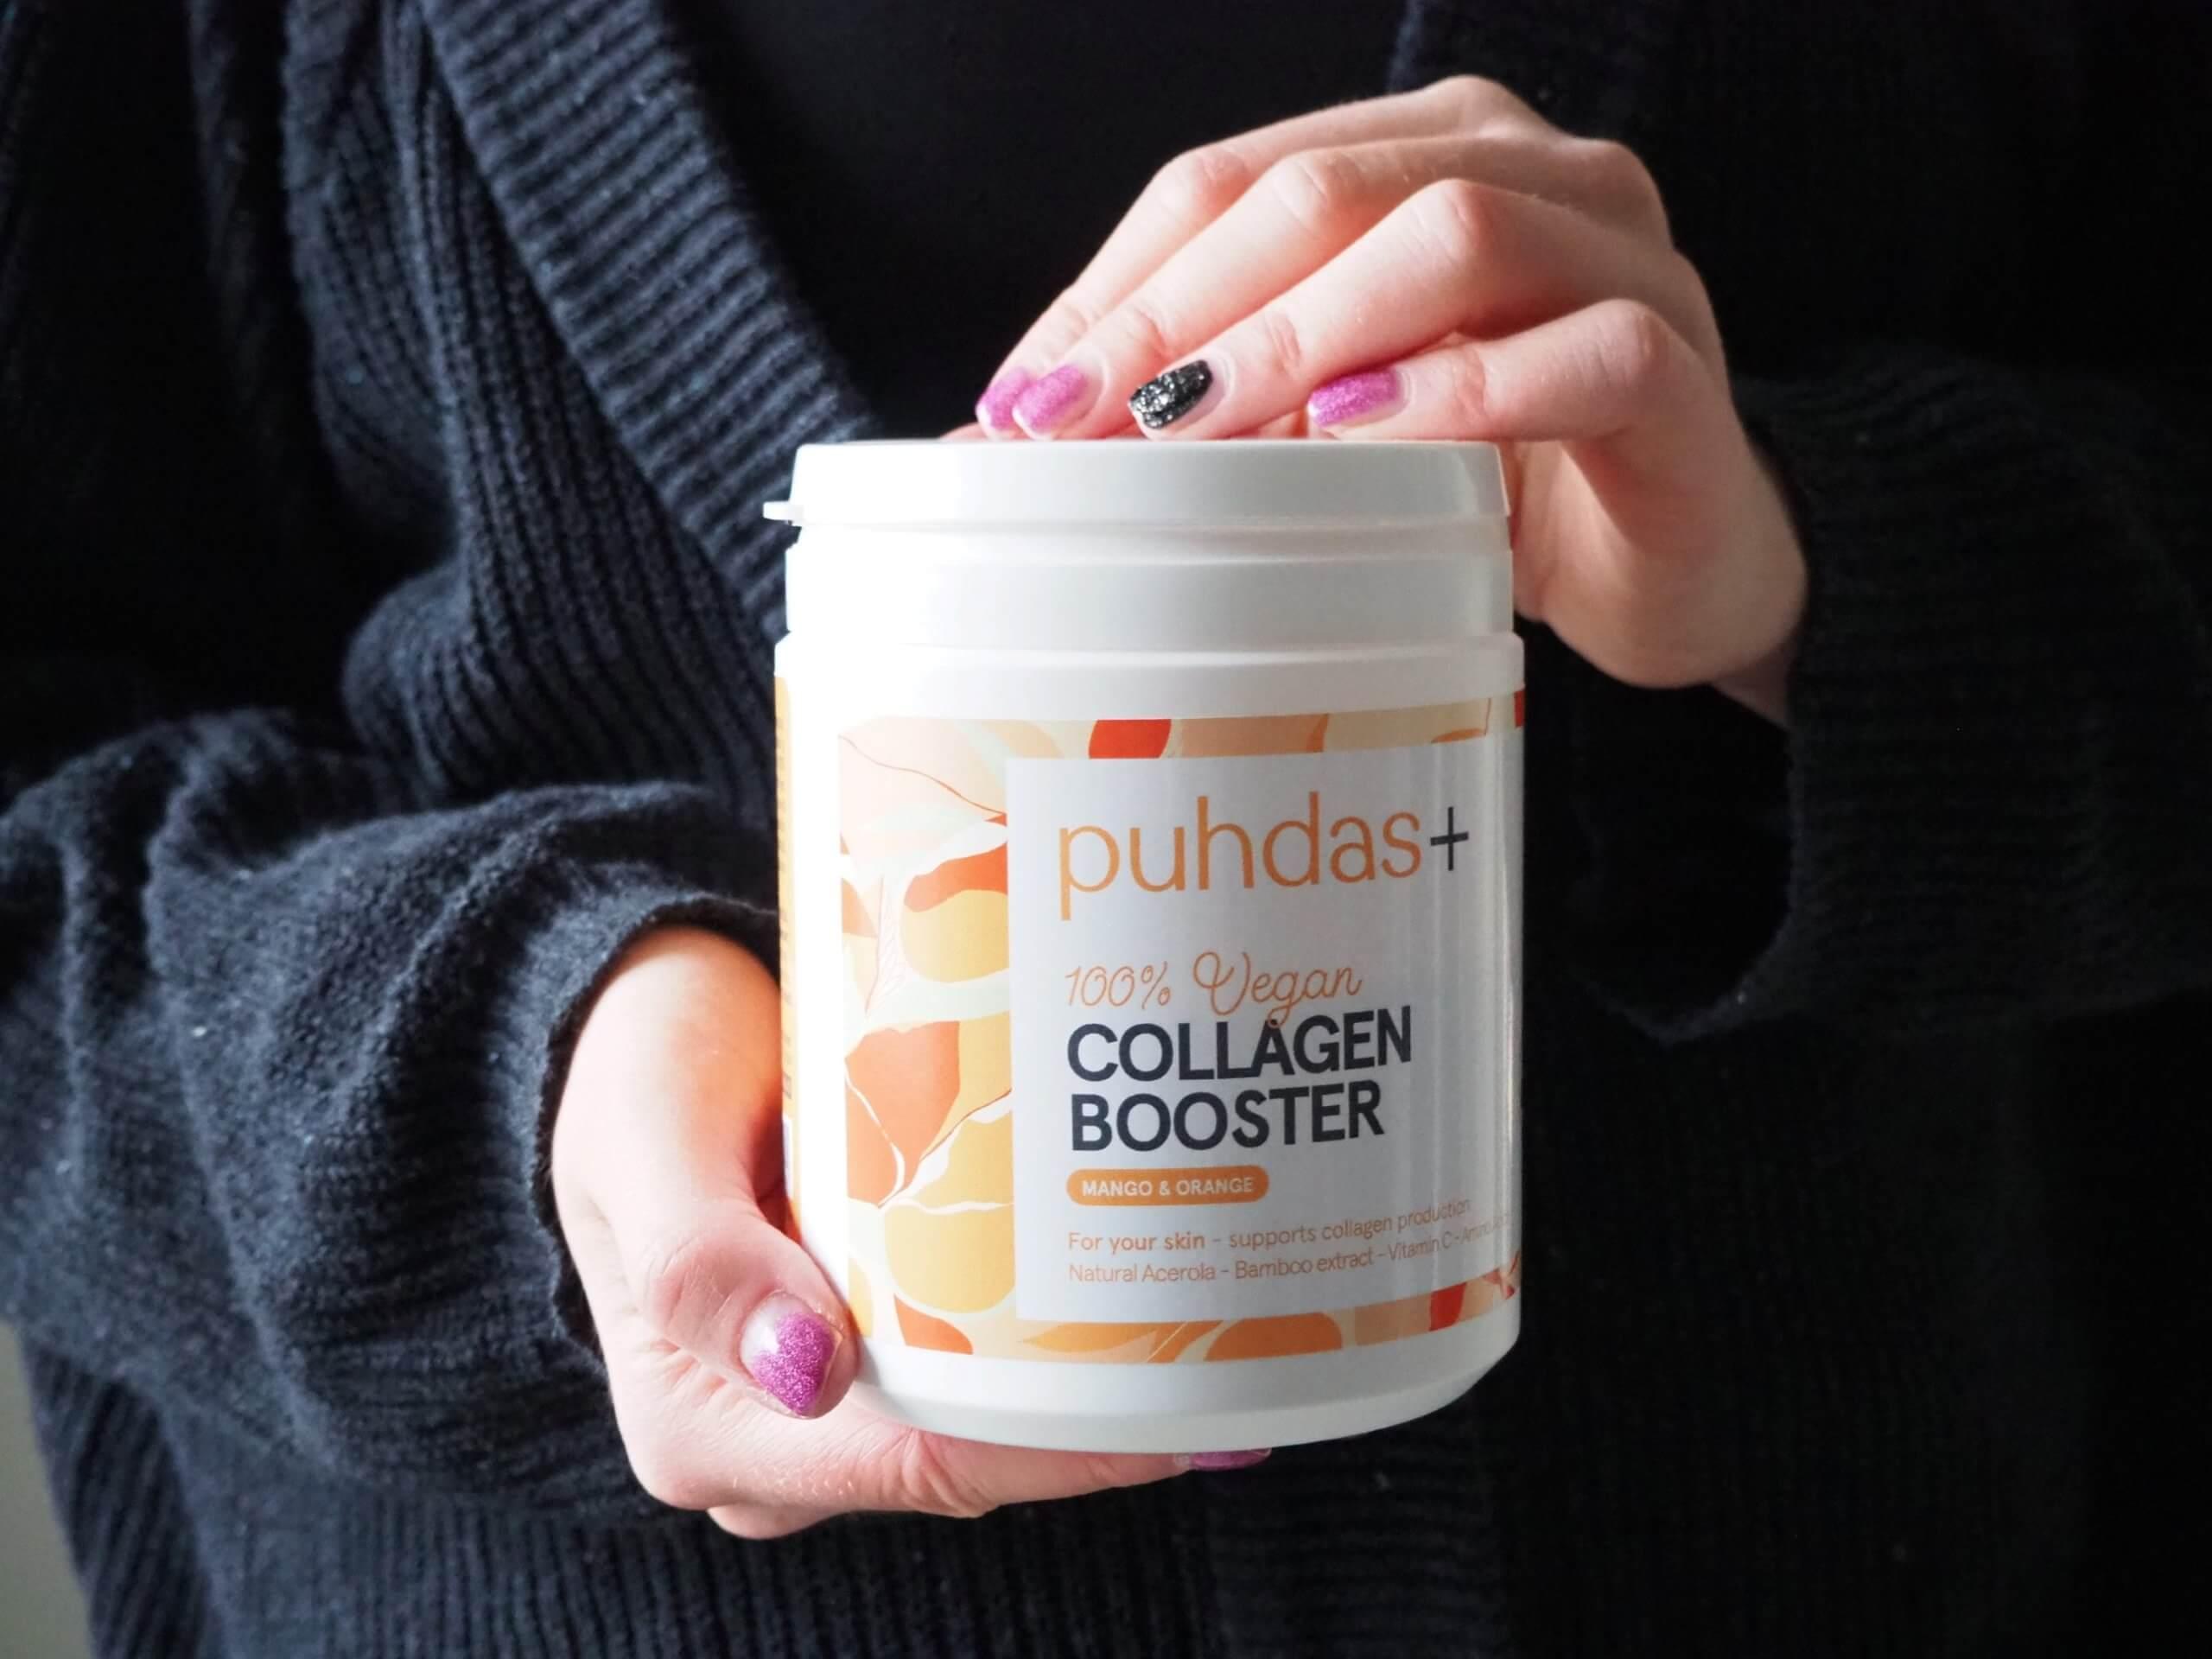 puhdas + vegan collagen booster